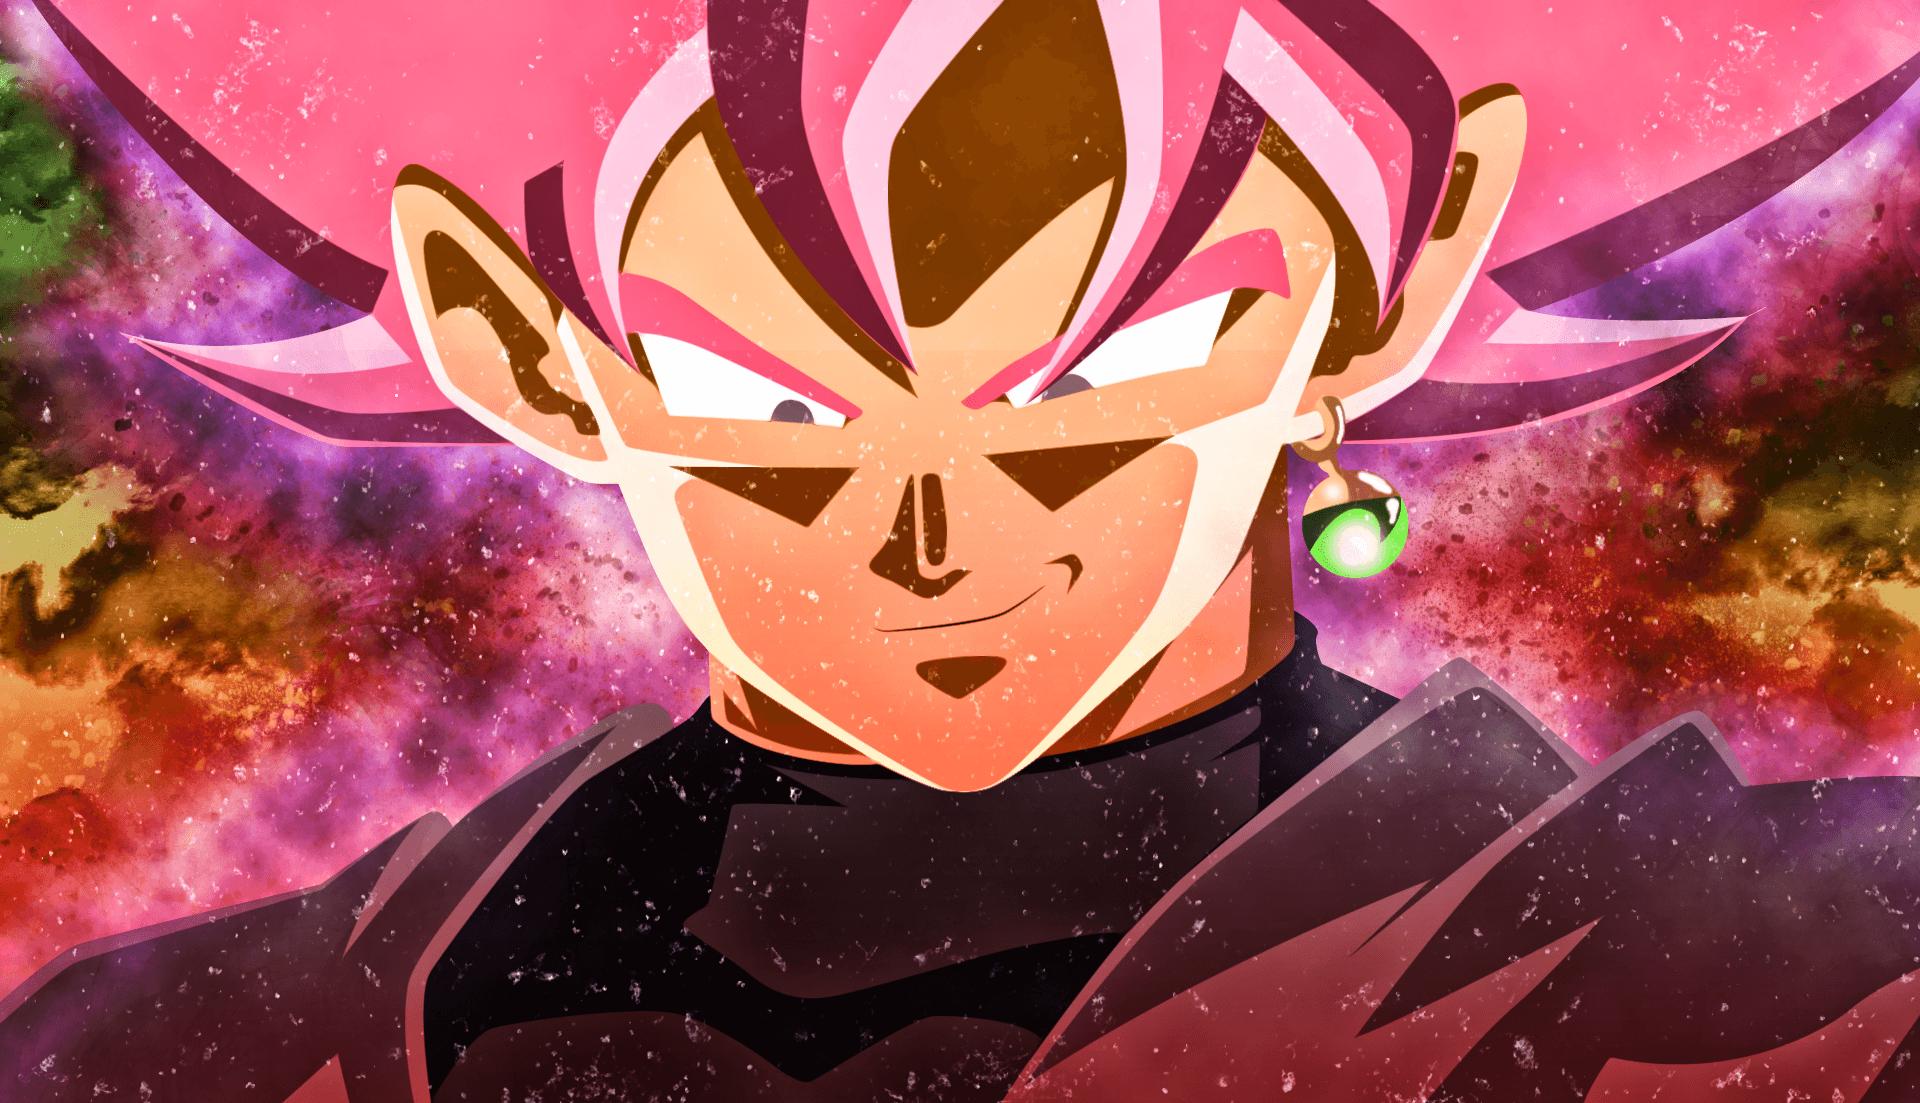 Super Saiyan Rose Wallpaper Hd: Black Goku Wallpapers